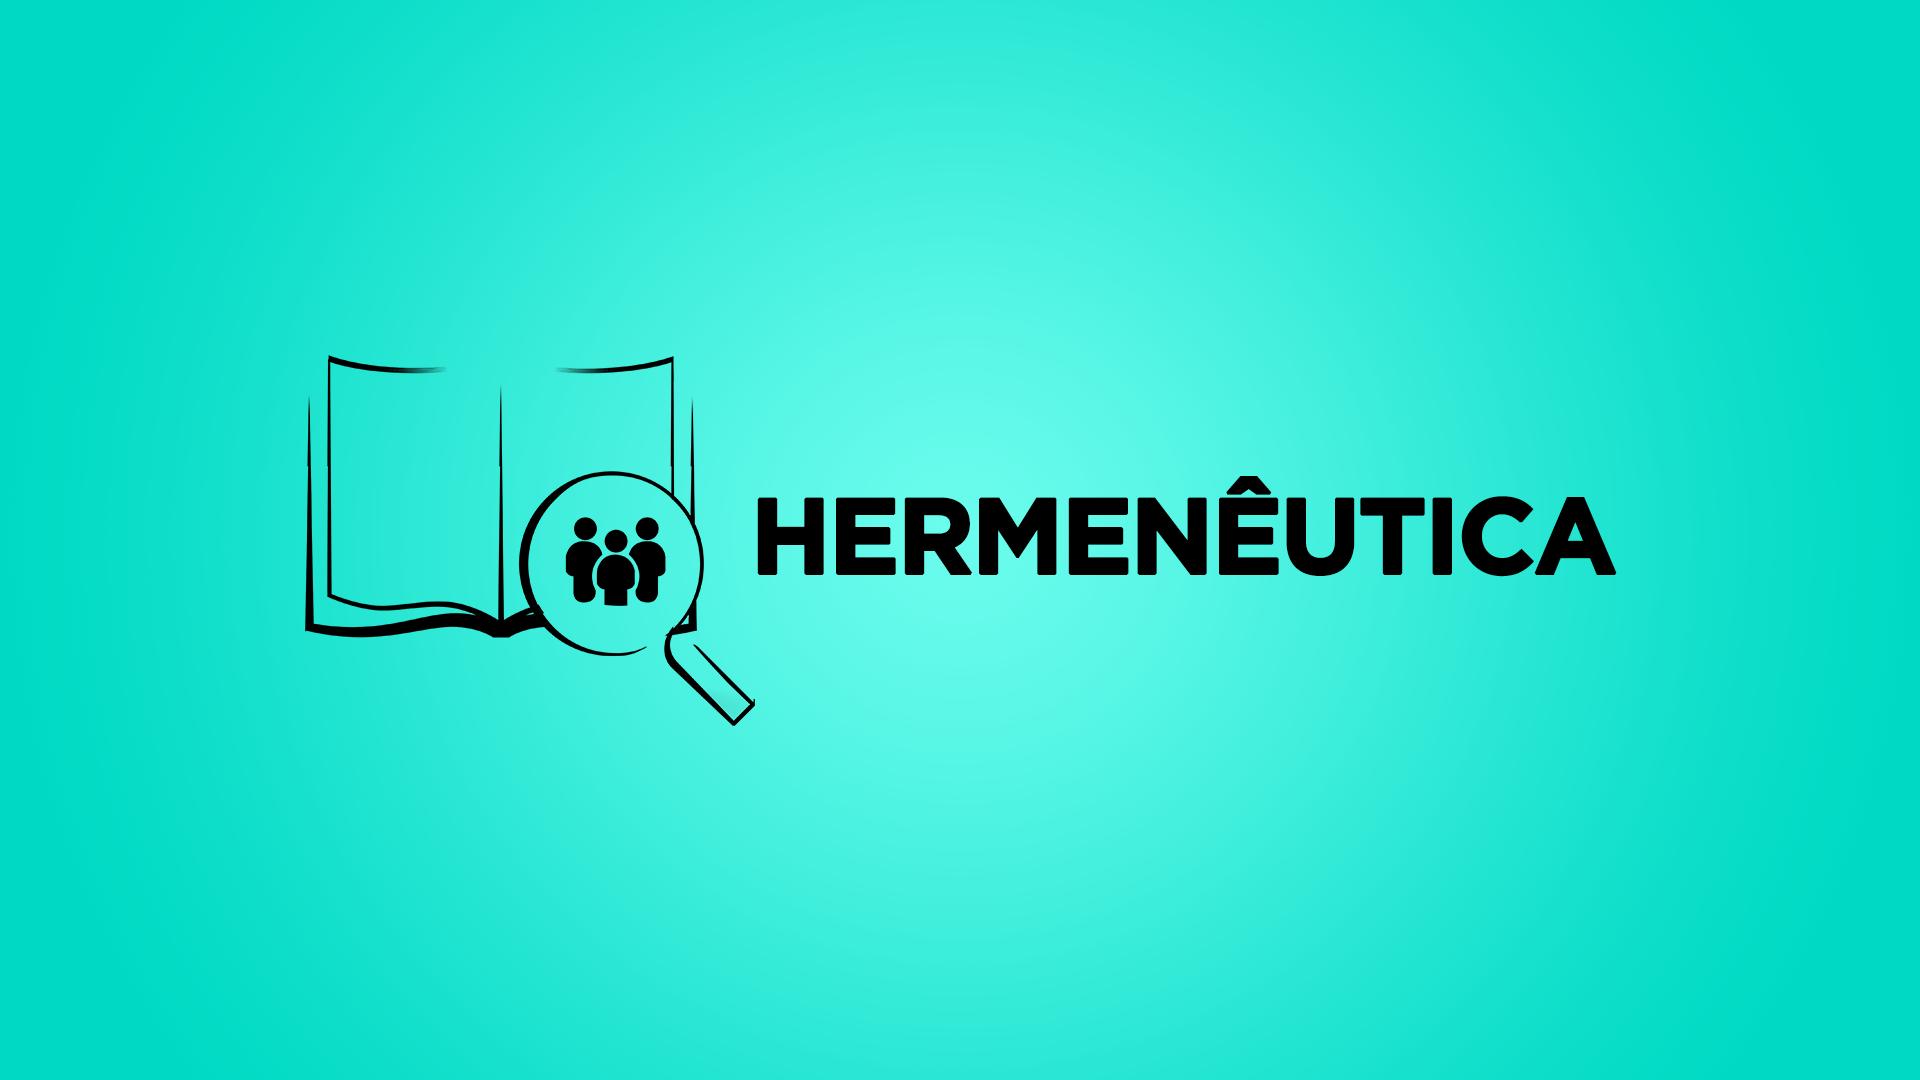 Hermen%c3%8autica black